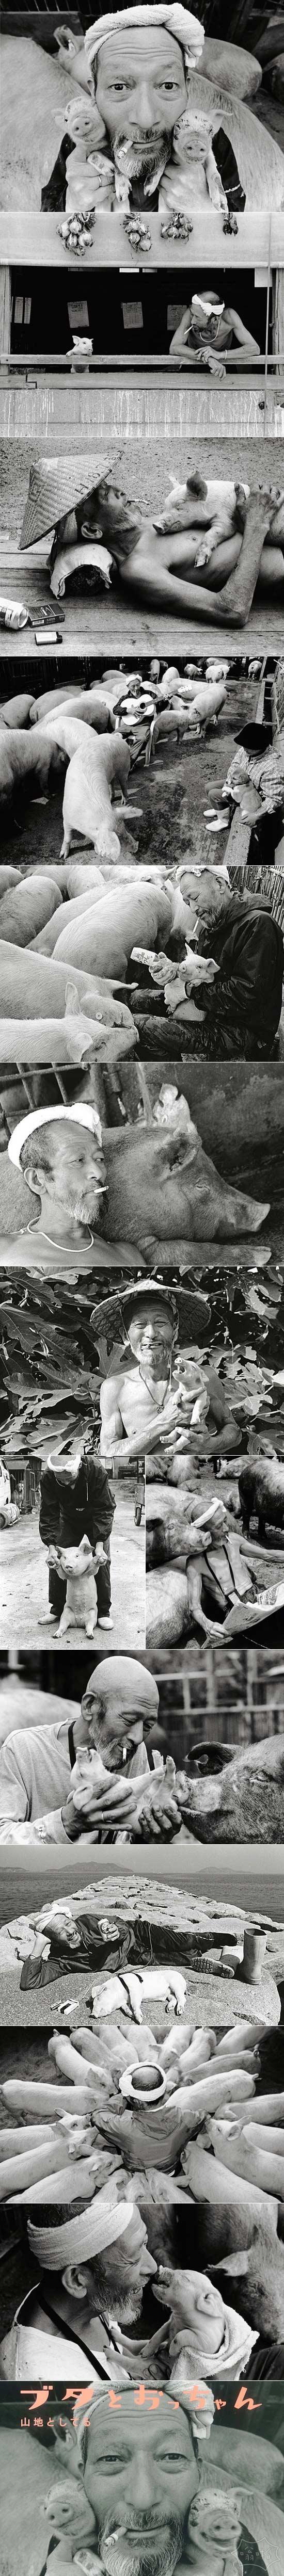 一个农夫和他的猪之间的甜蜜的关系